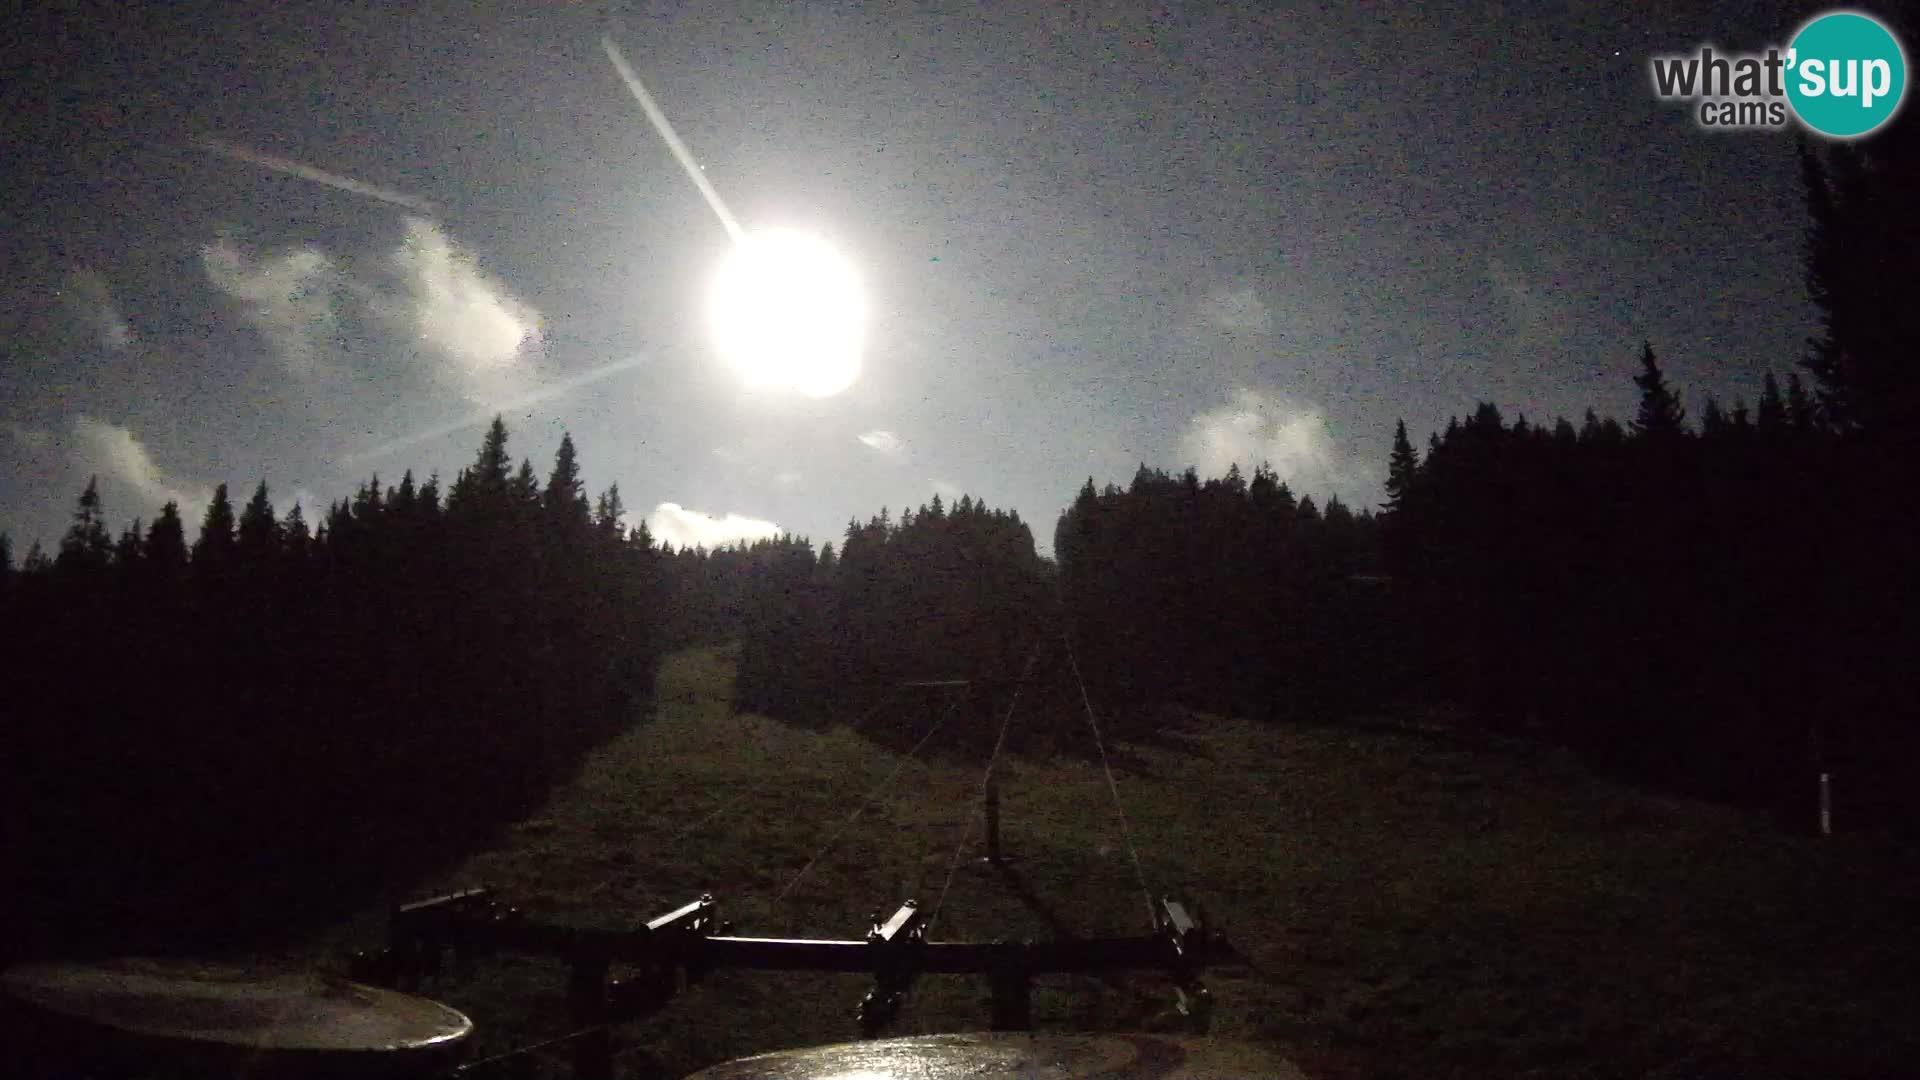 Estación de esquí Rogla Webcam Ostruščica pistas 1 y 2